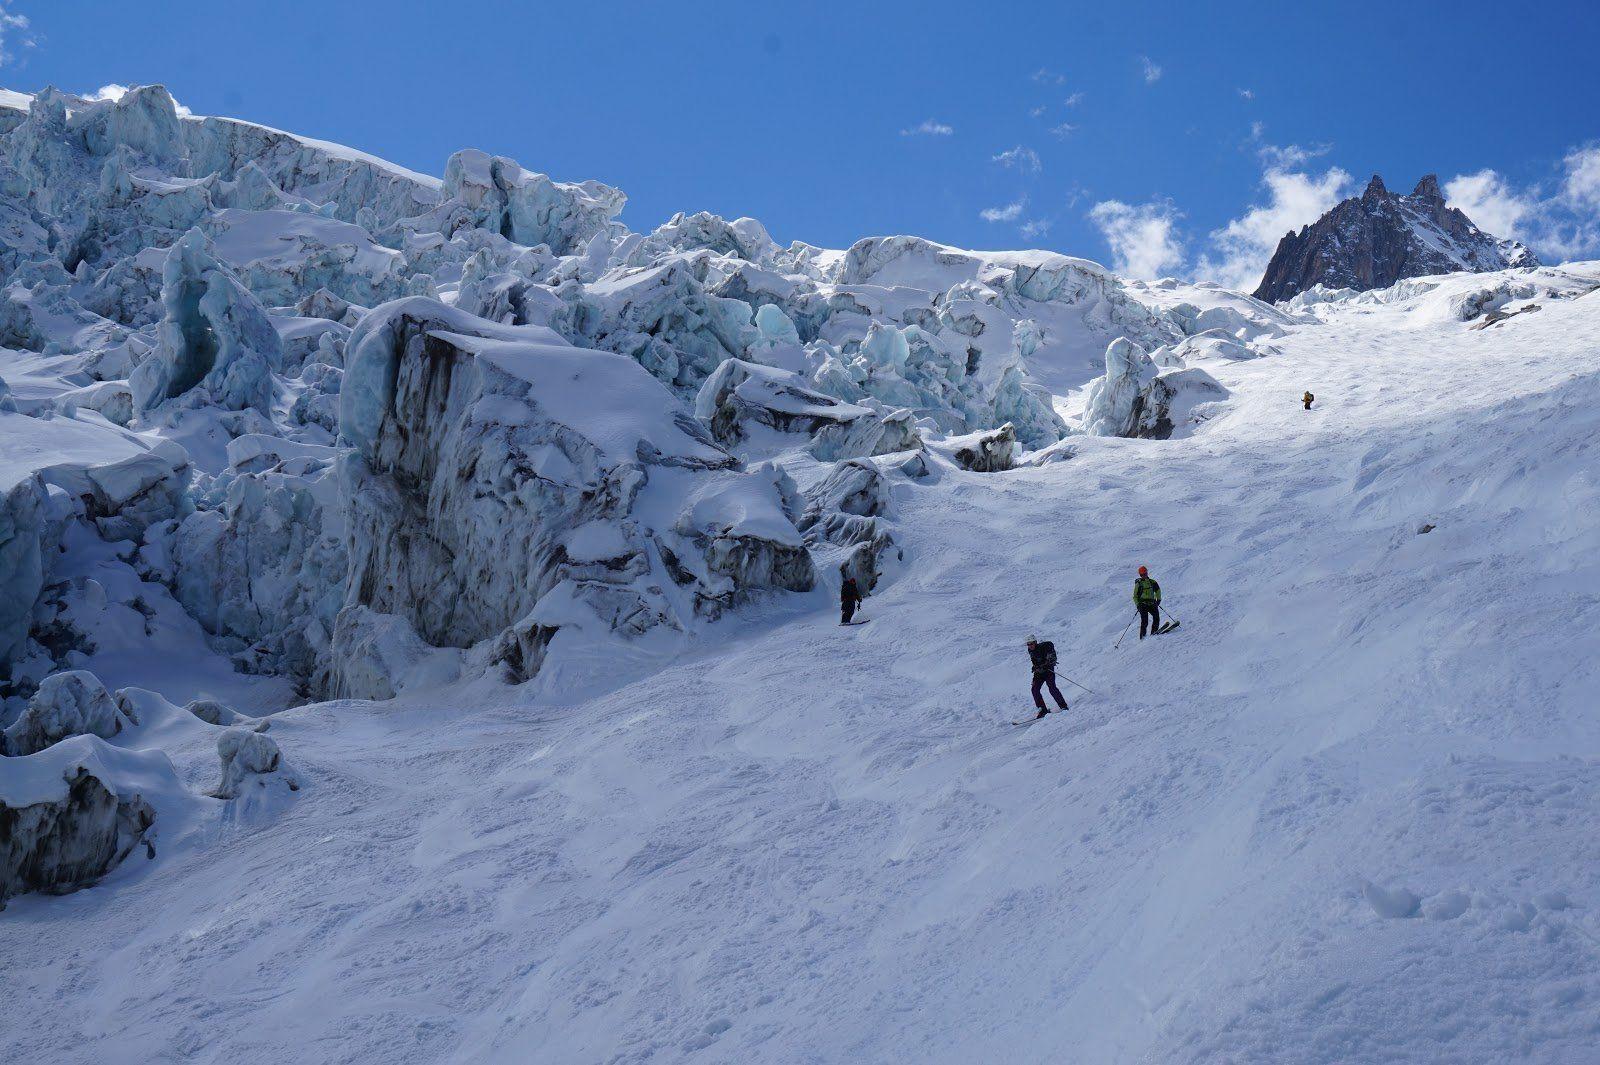 Le passage à ski à proximité des séracs, la seule difficulté de la descente